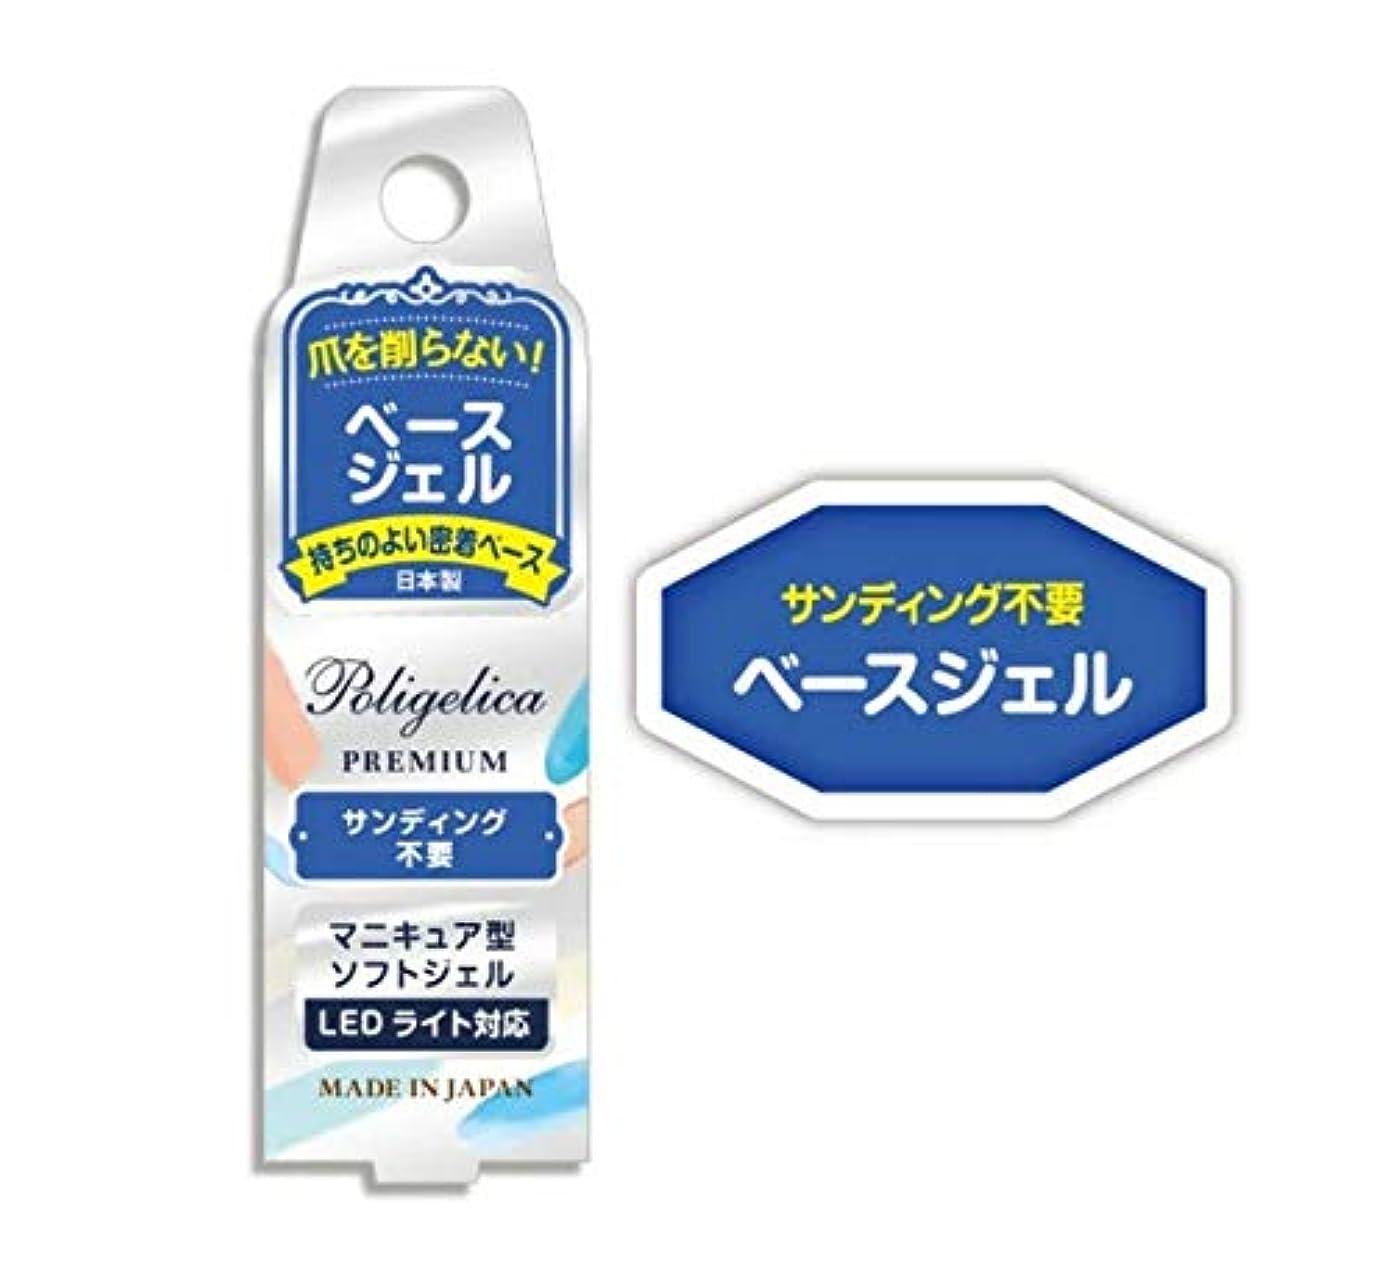 枯渇幸運なことにページBWポリジェリカ プレミアムベースジェル 6g APGB1001 日本製 ソフト ジェル ネイル サンディング不要 爪 密着 マニキュア型